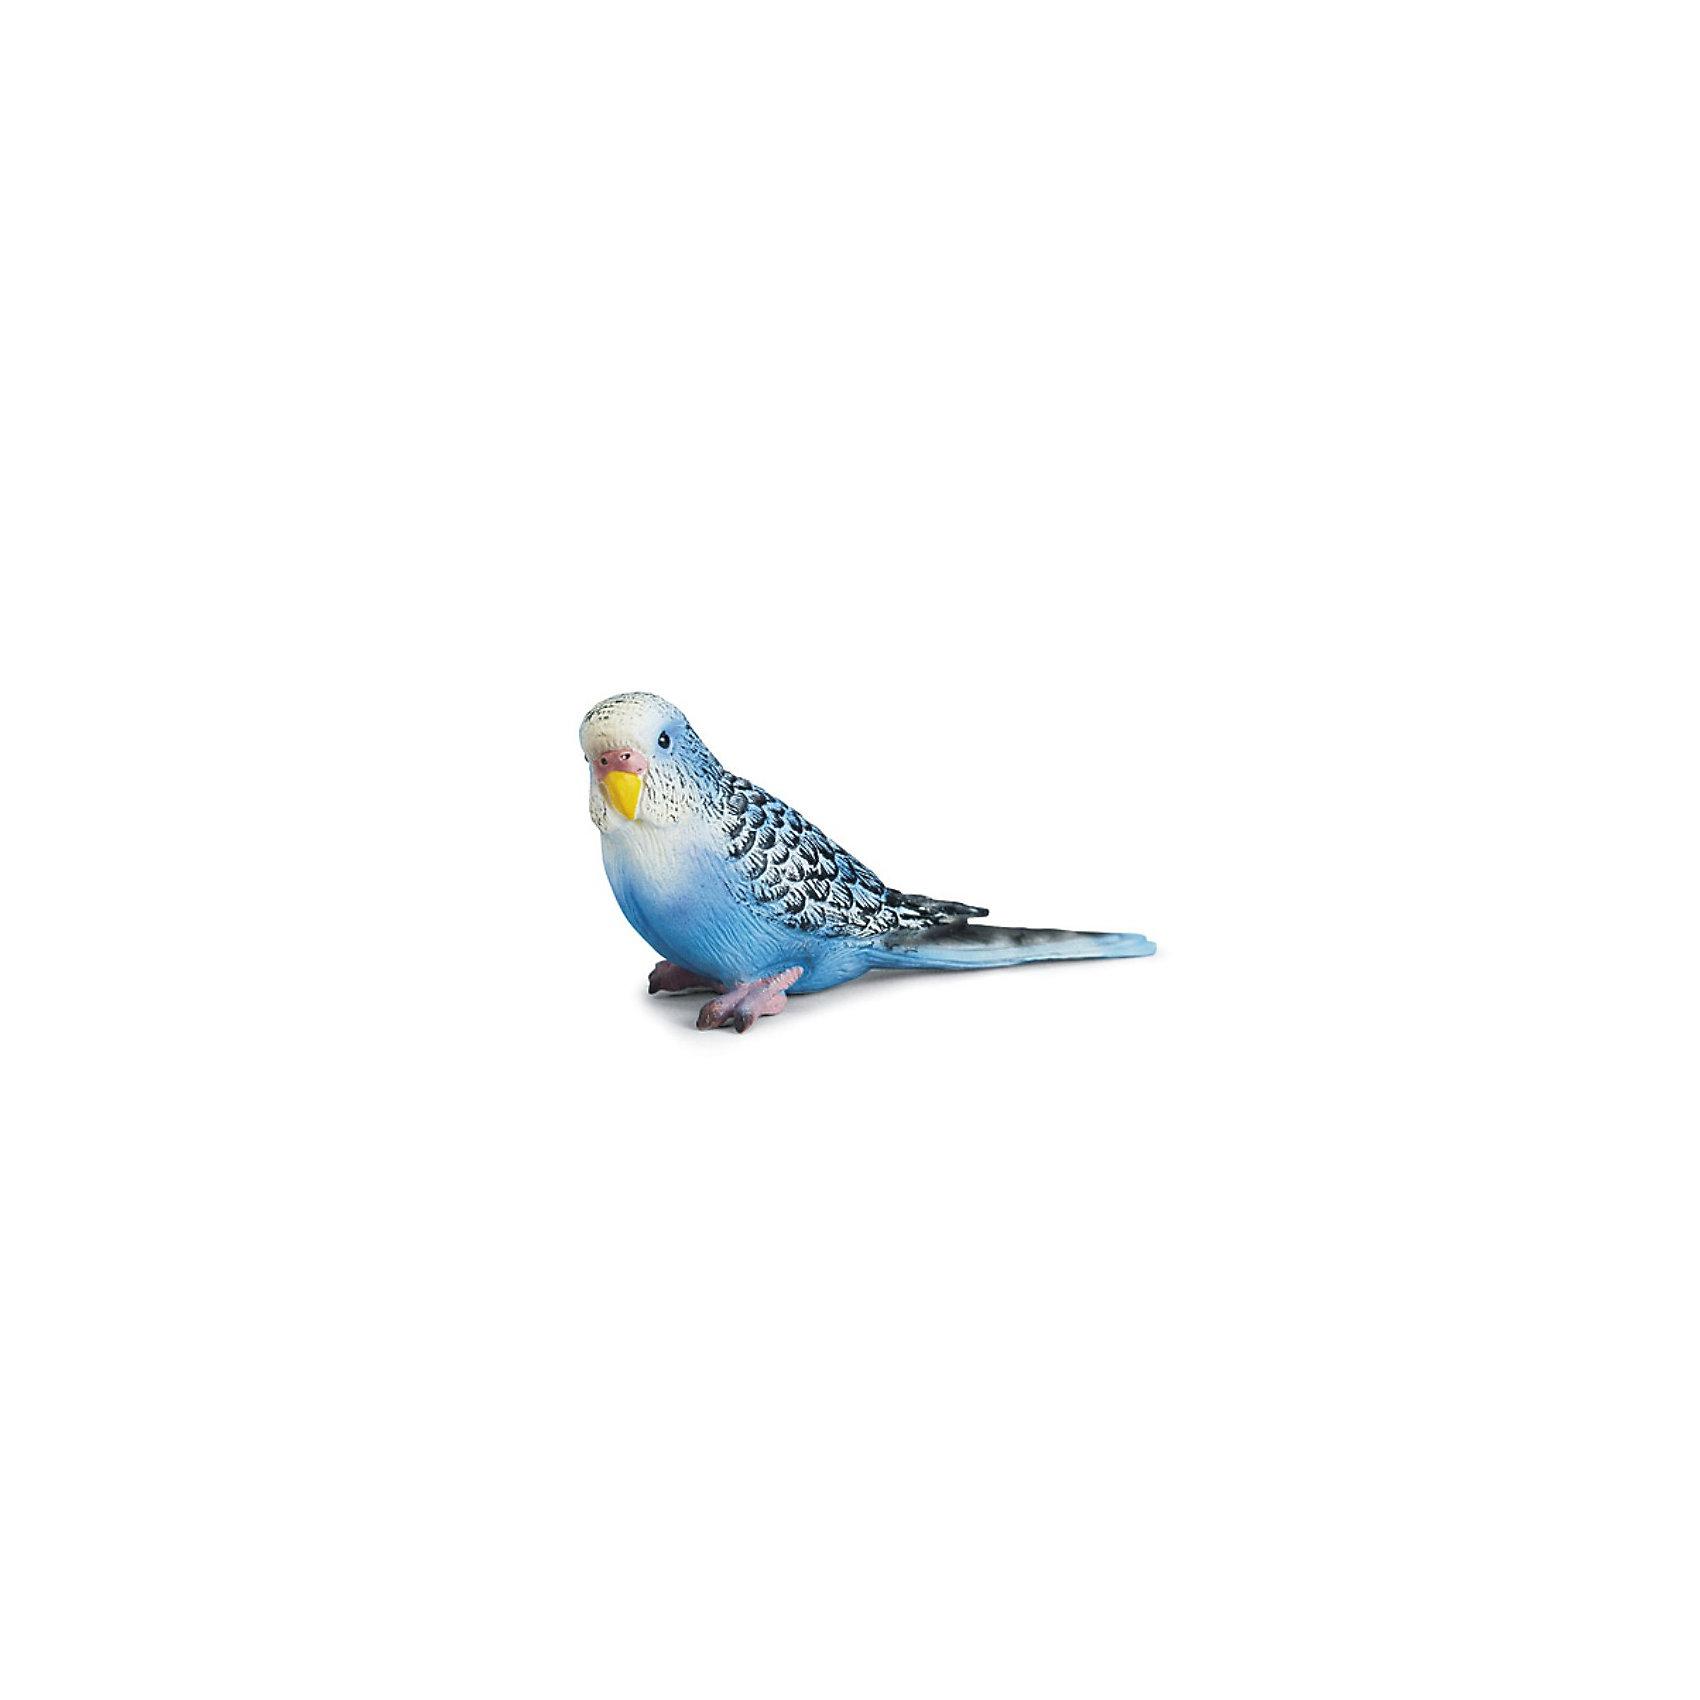 Schleich Волнистый попугайчик, голубой. Серия